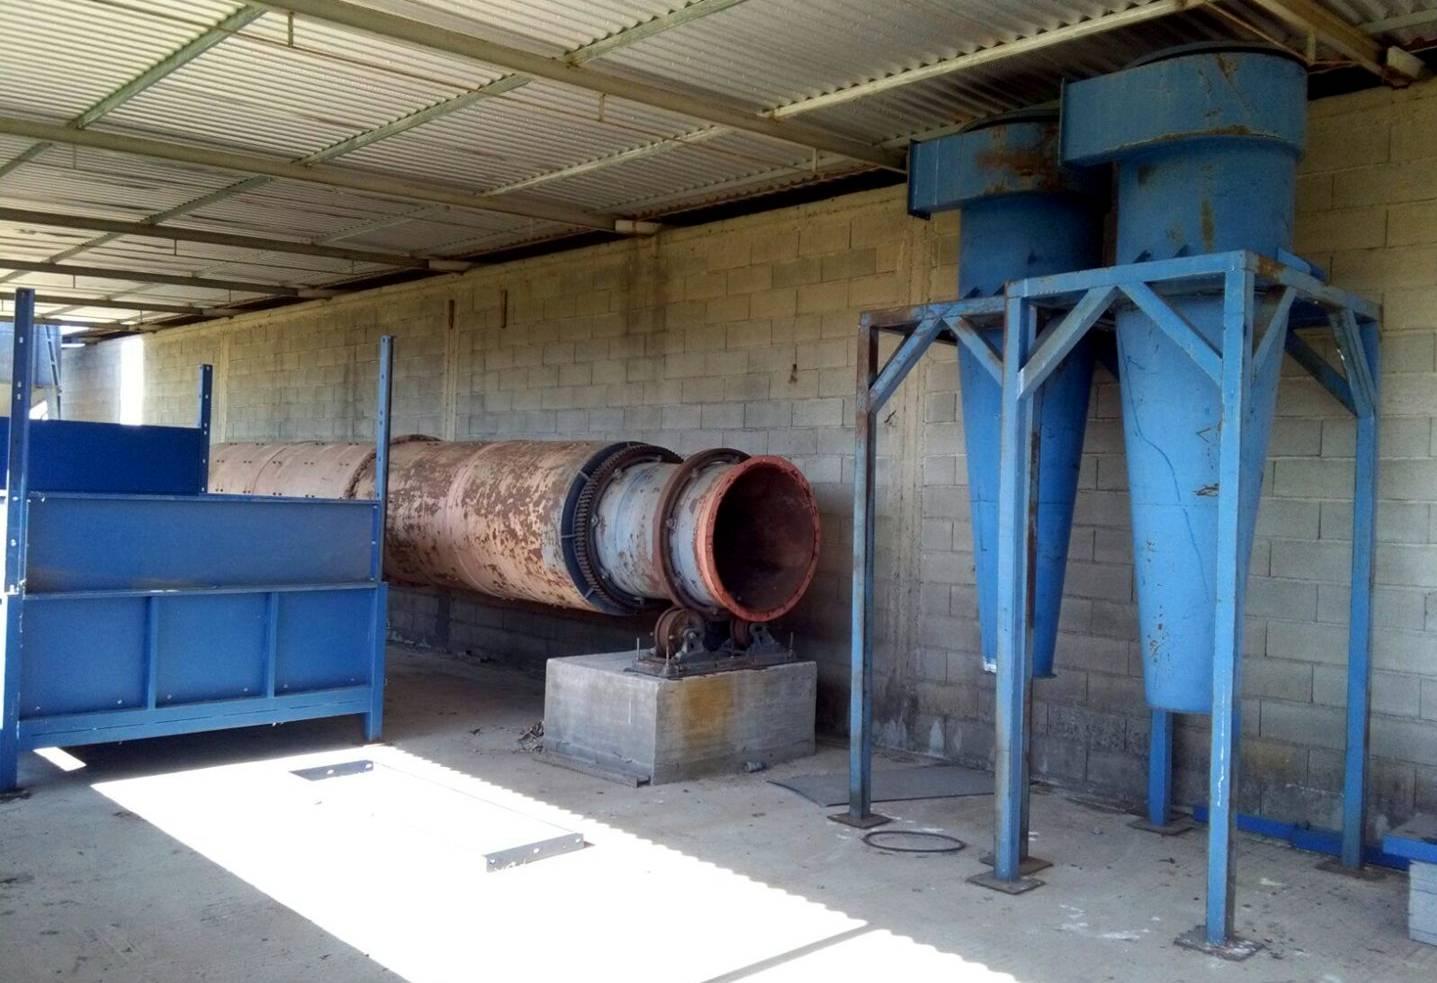 vendo impianto essiccazione sansa usato produzione 20 qli